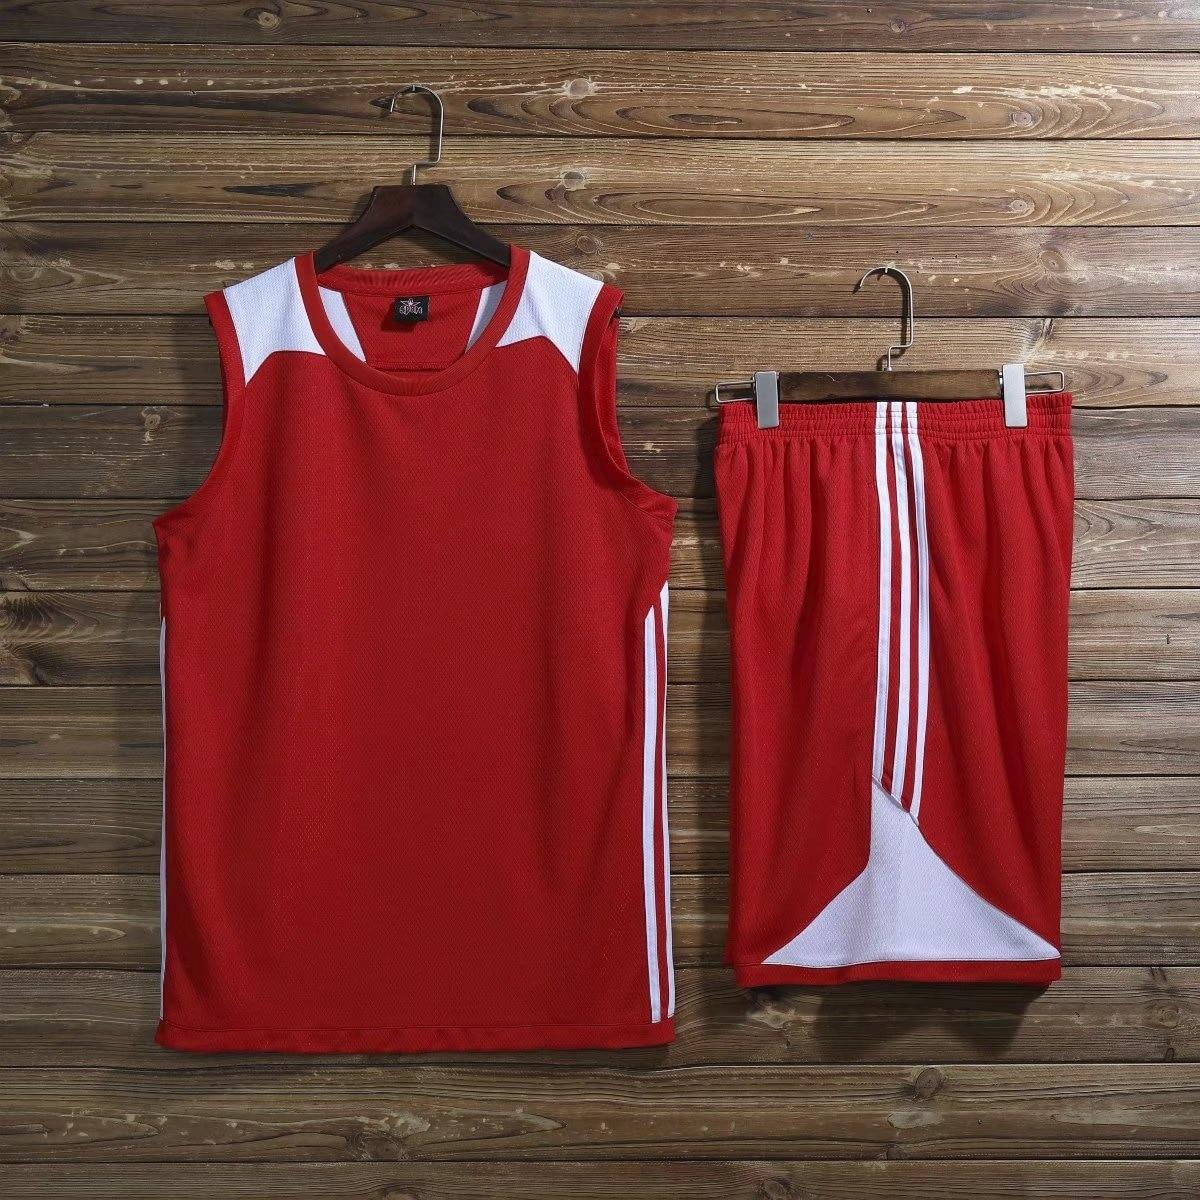 ילד כדורסל חליפות, גברים נשים כדורסל אימון תחרויות ג 'רזי, לנשימה ספורט ג' רזי עבור מכללת כדורסל גופיות